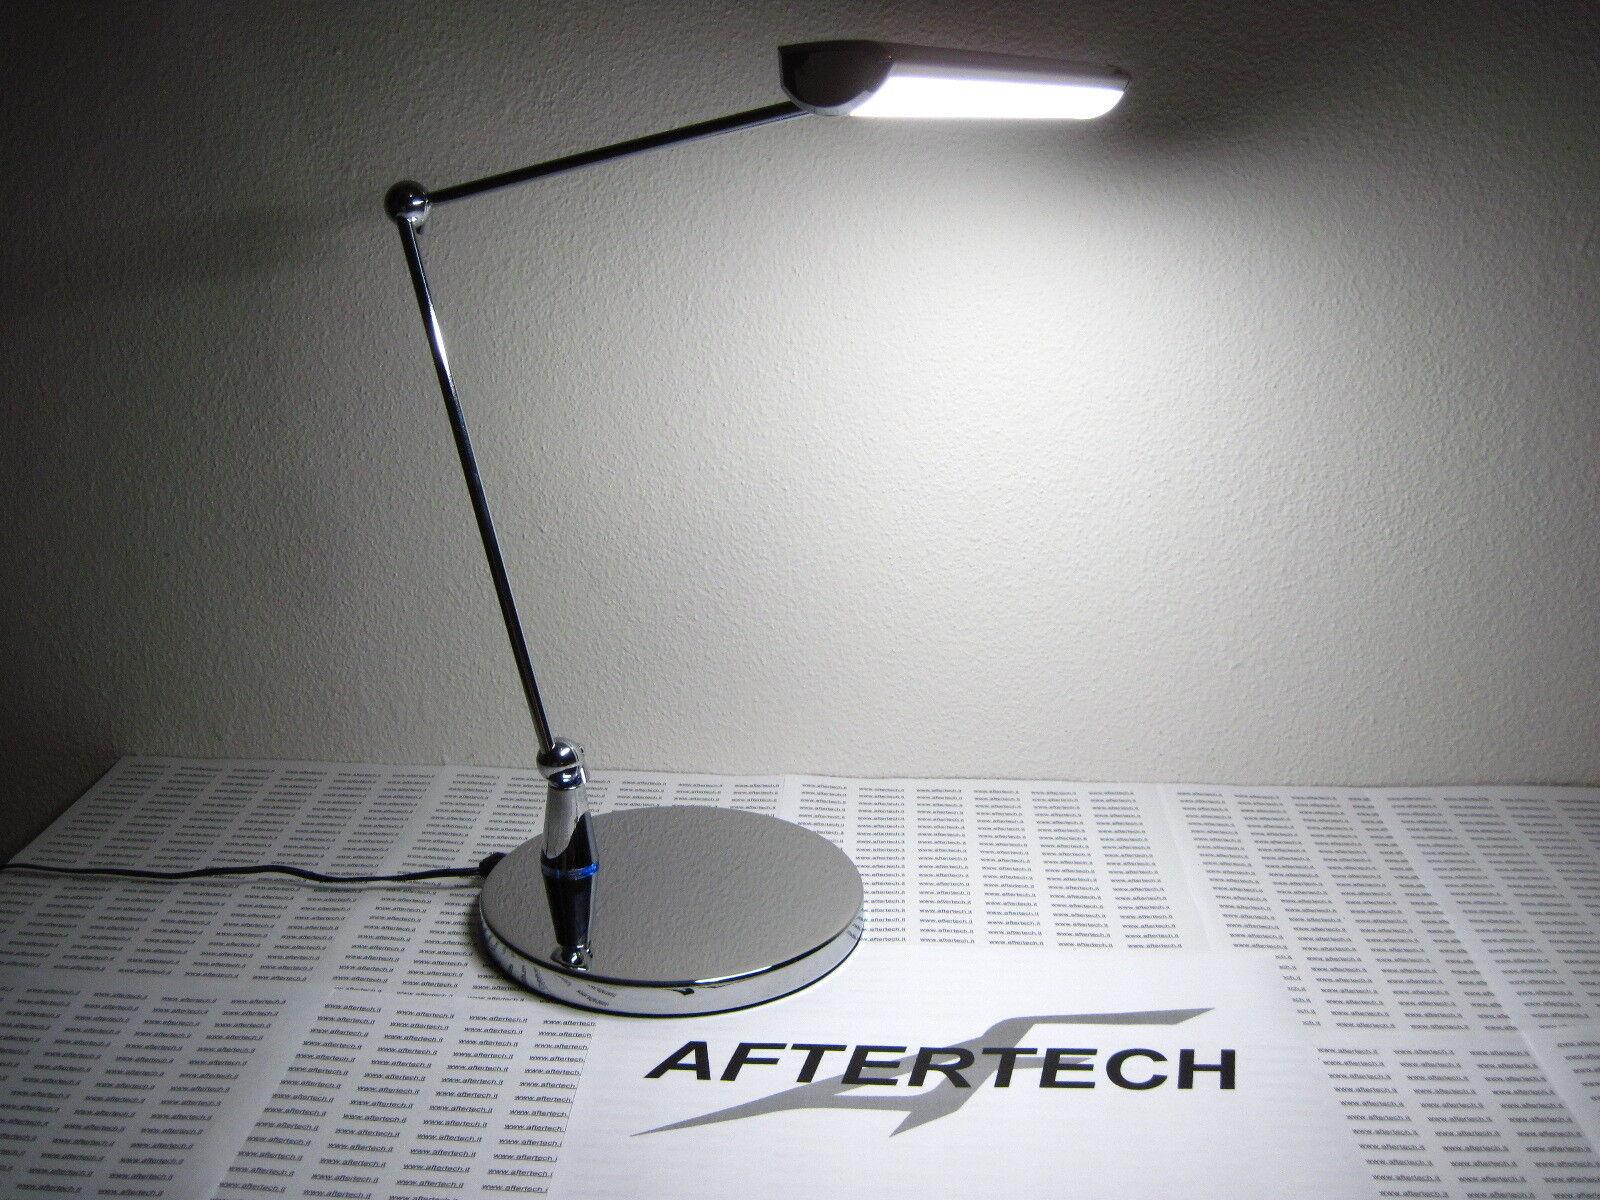 Lampade design tavolo : Lampada led 6w touch design moderno da ufficio computer tavolo ...